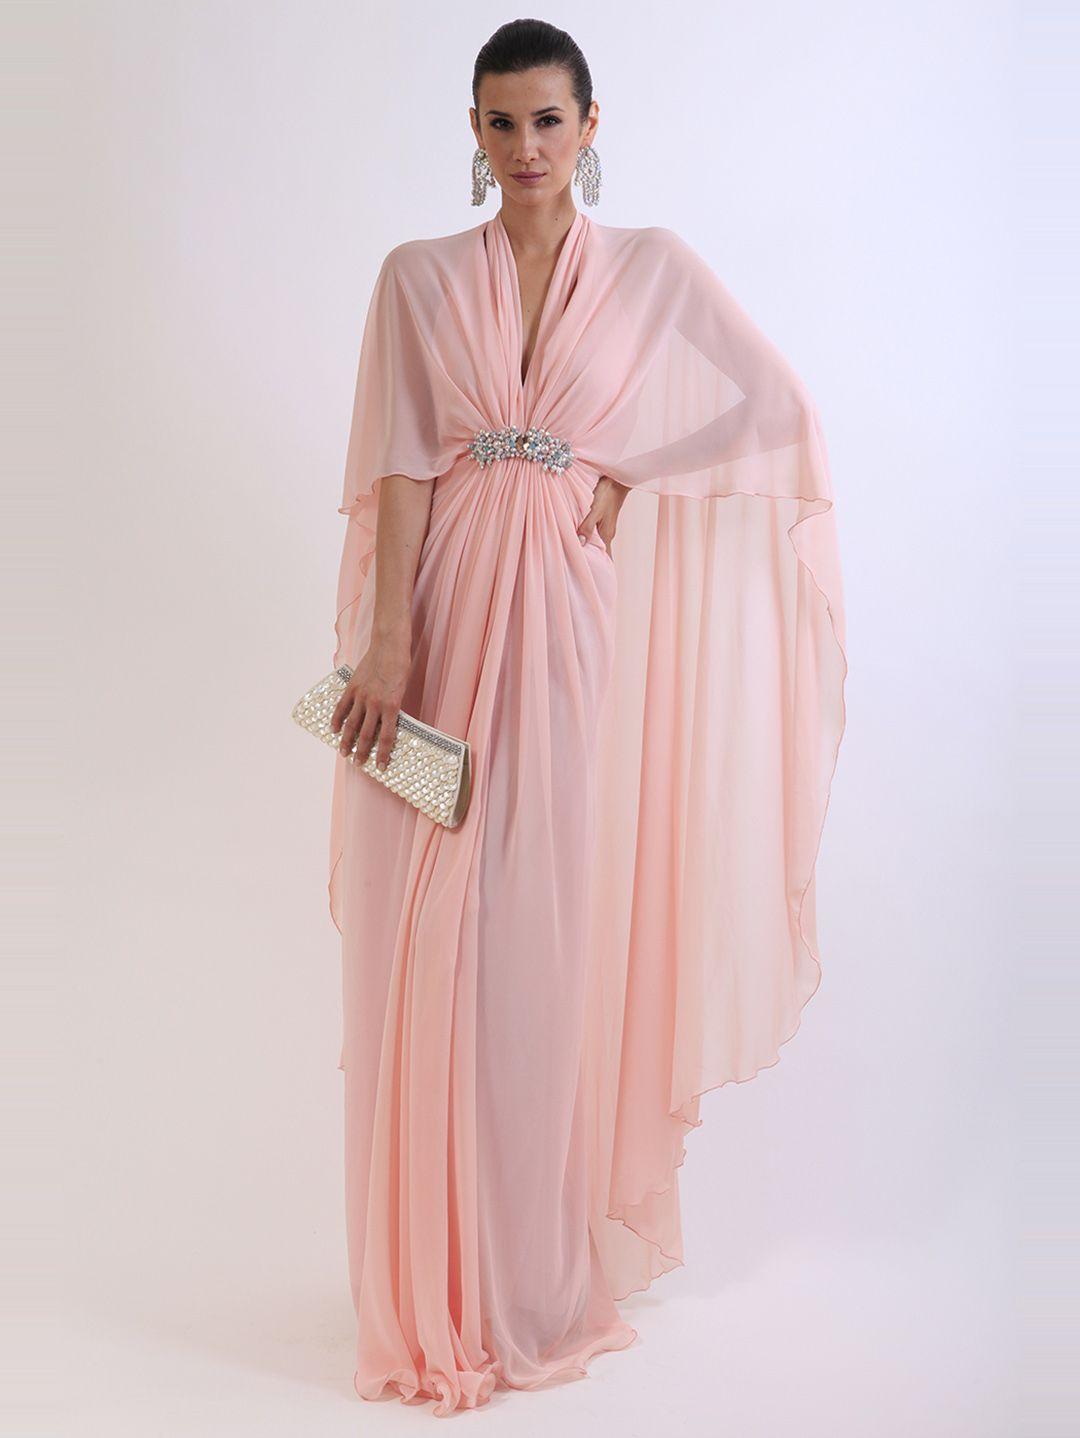 فستان من الشيفون تمتلكين الأناقة والتألق به. من تصميم جوليا دوماني ...